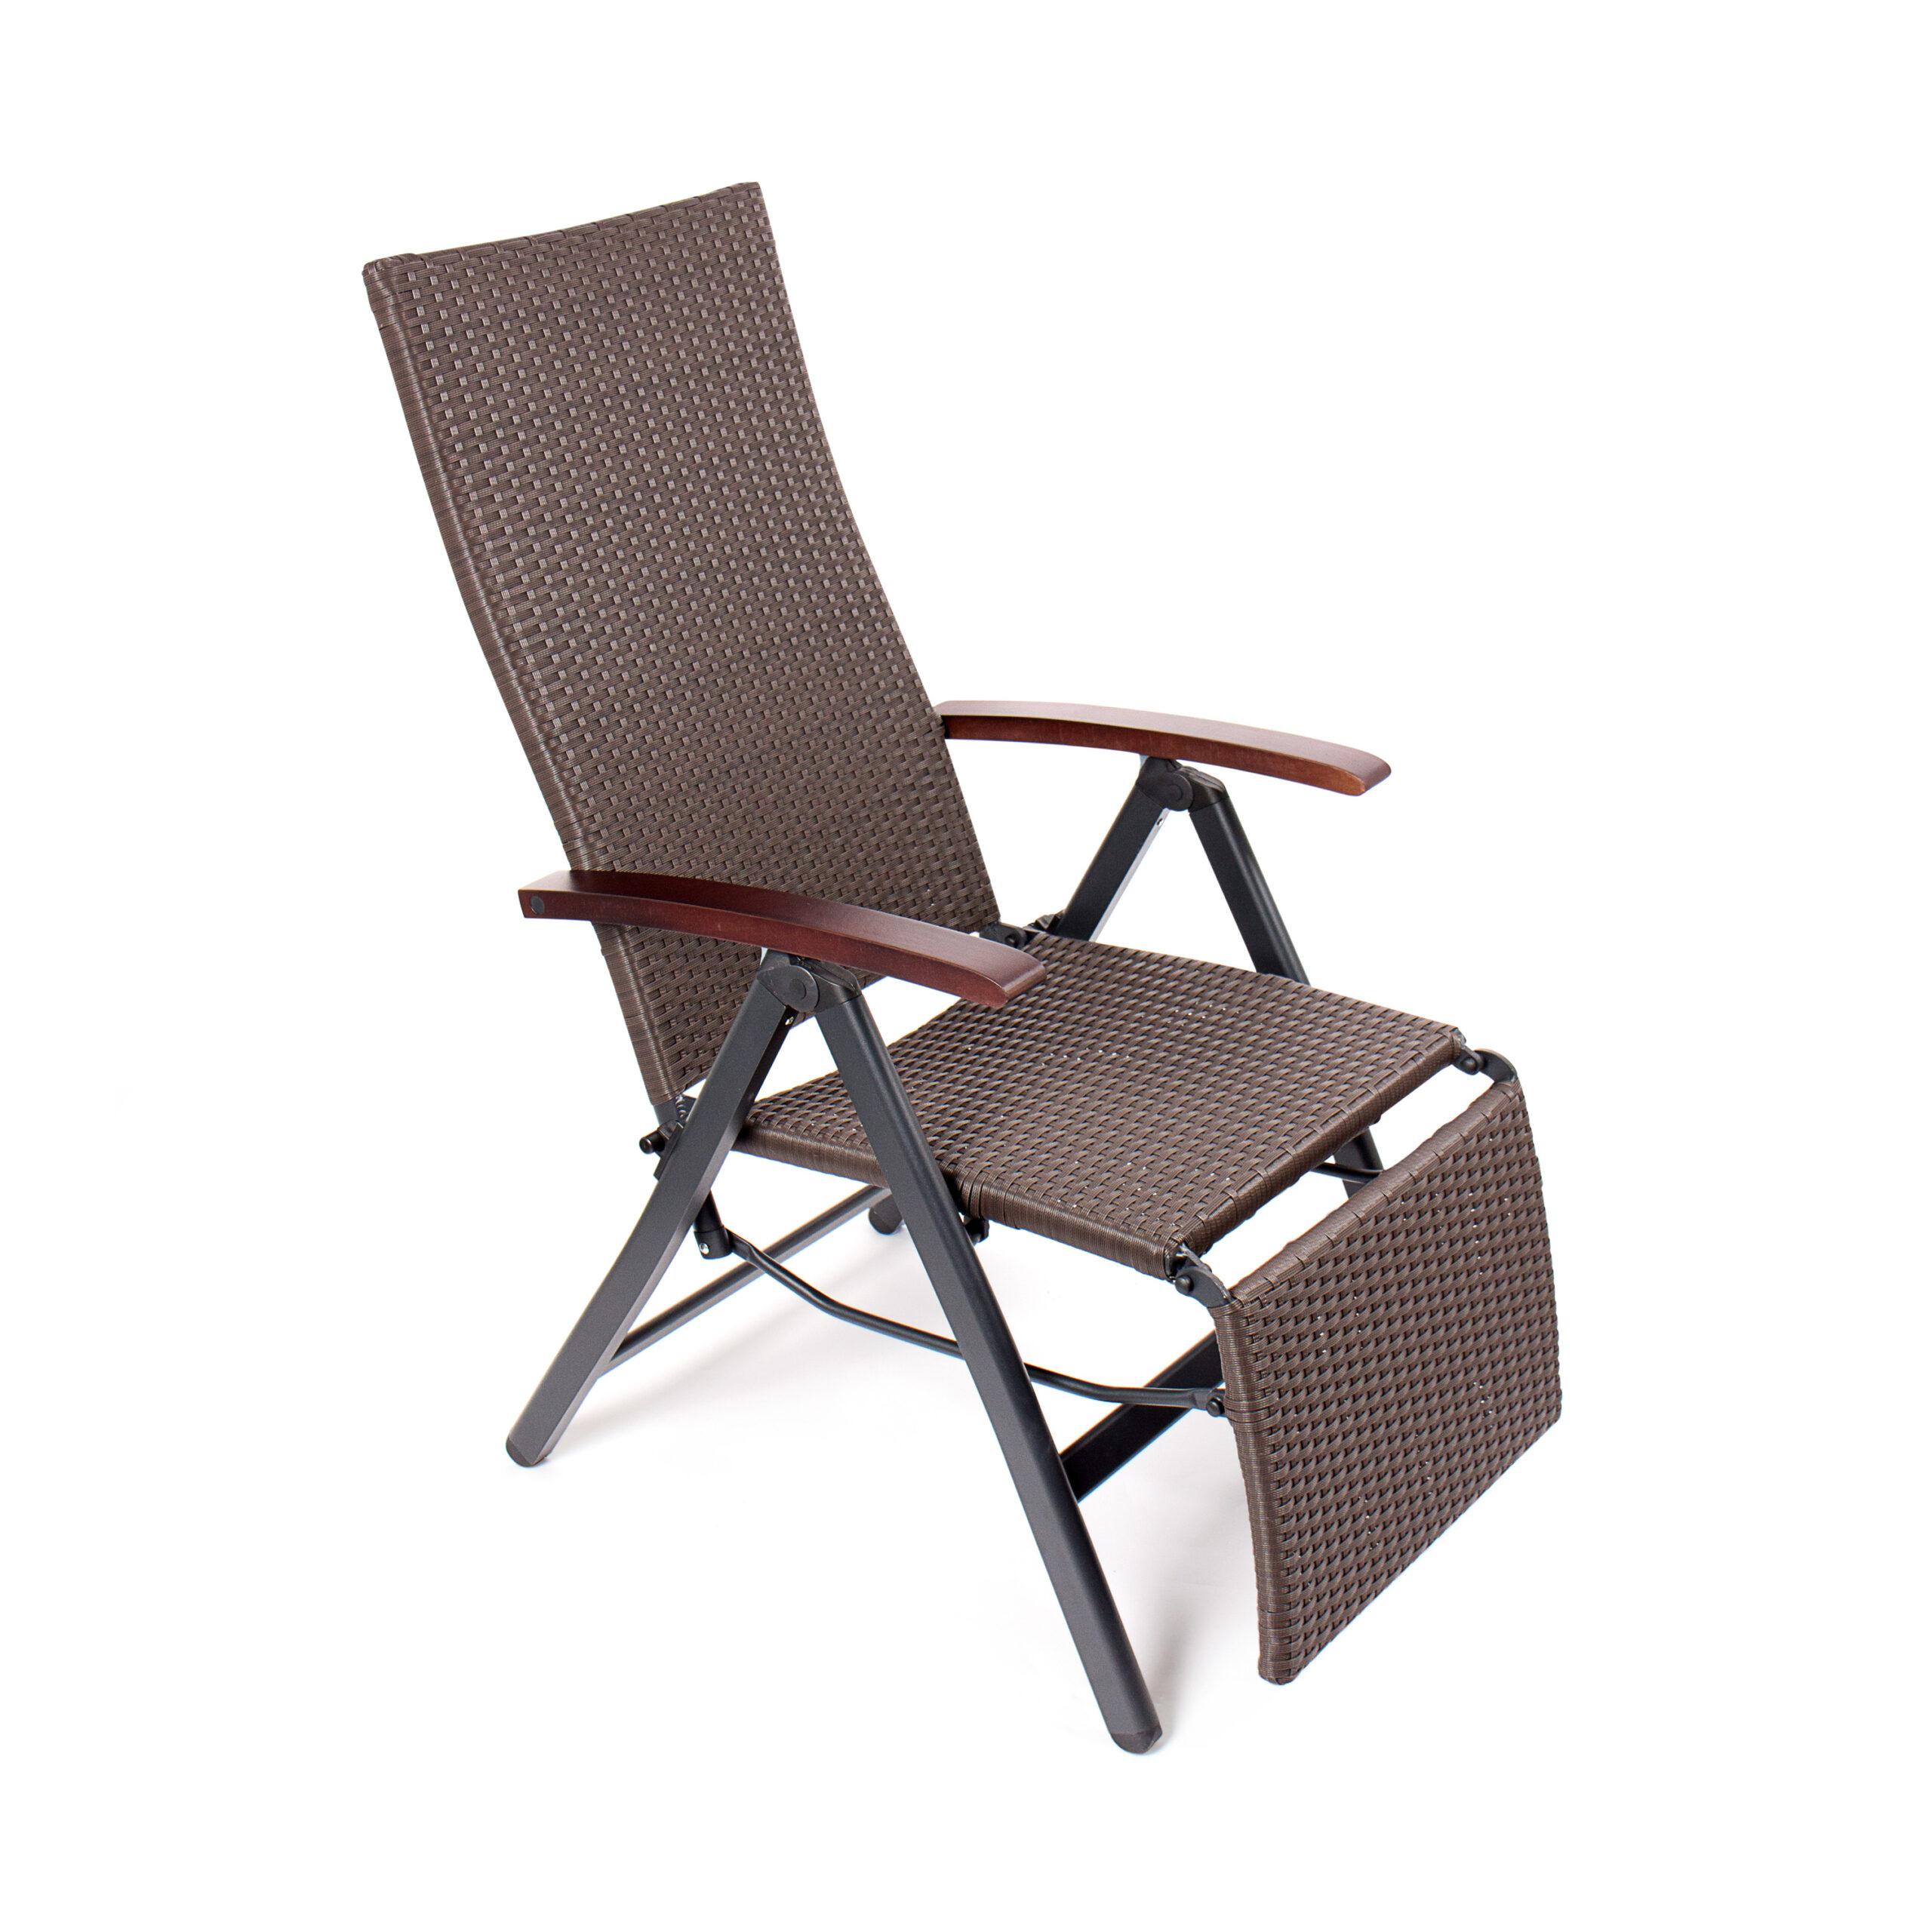 Full Size of Liegesessel Verstellbar Elektrisch Ikea Verstellbare Garten Liegestuhl Relaxsessel Mit Aufstehhilfe Die Sofa Verstellbarer Sitztiefe Wohnzimmer Liegesessel Verstellbar